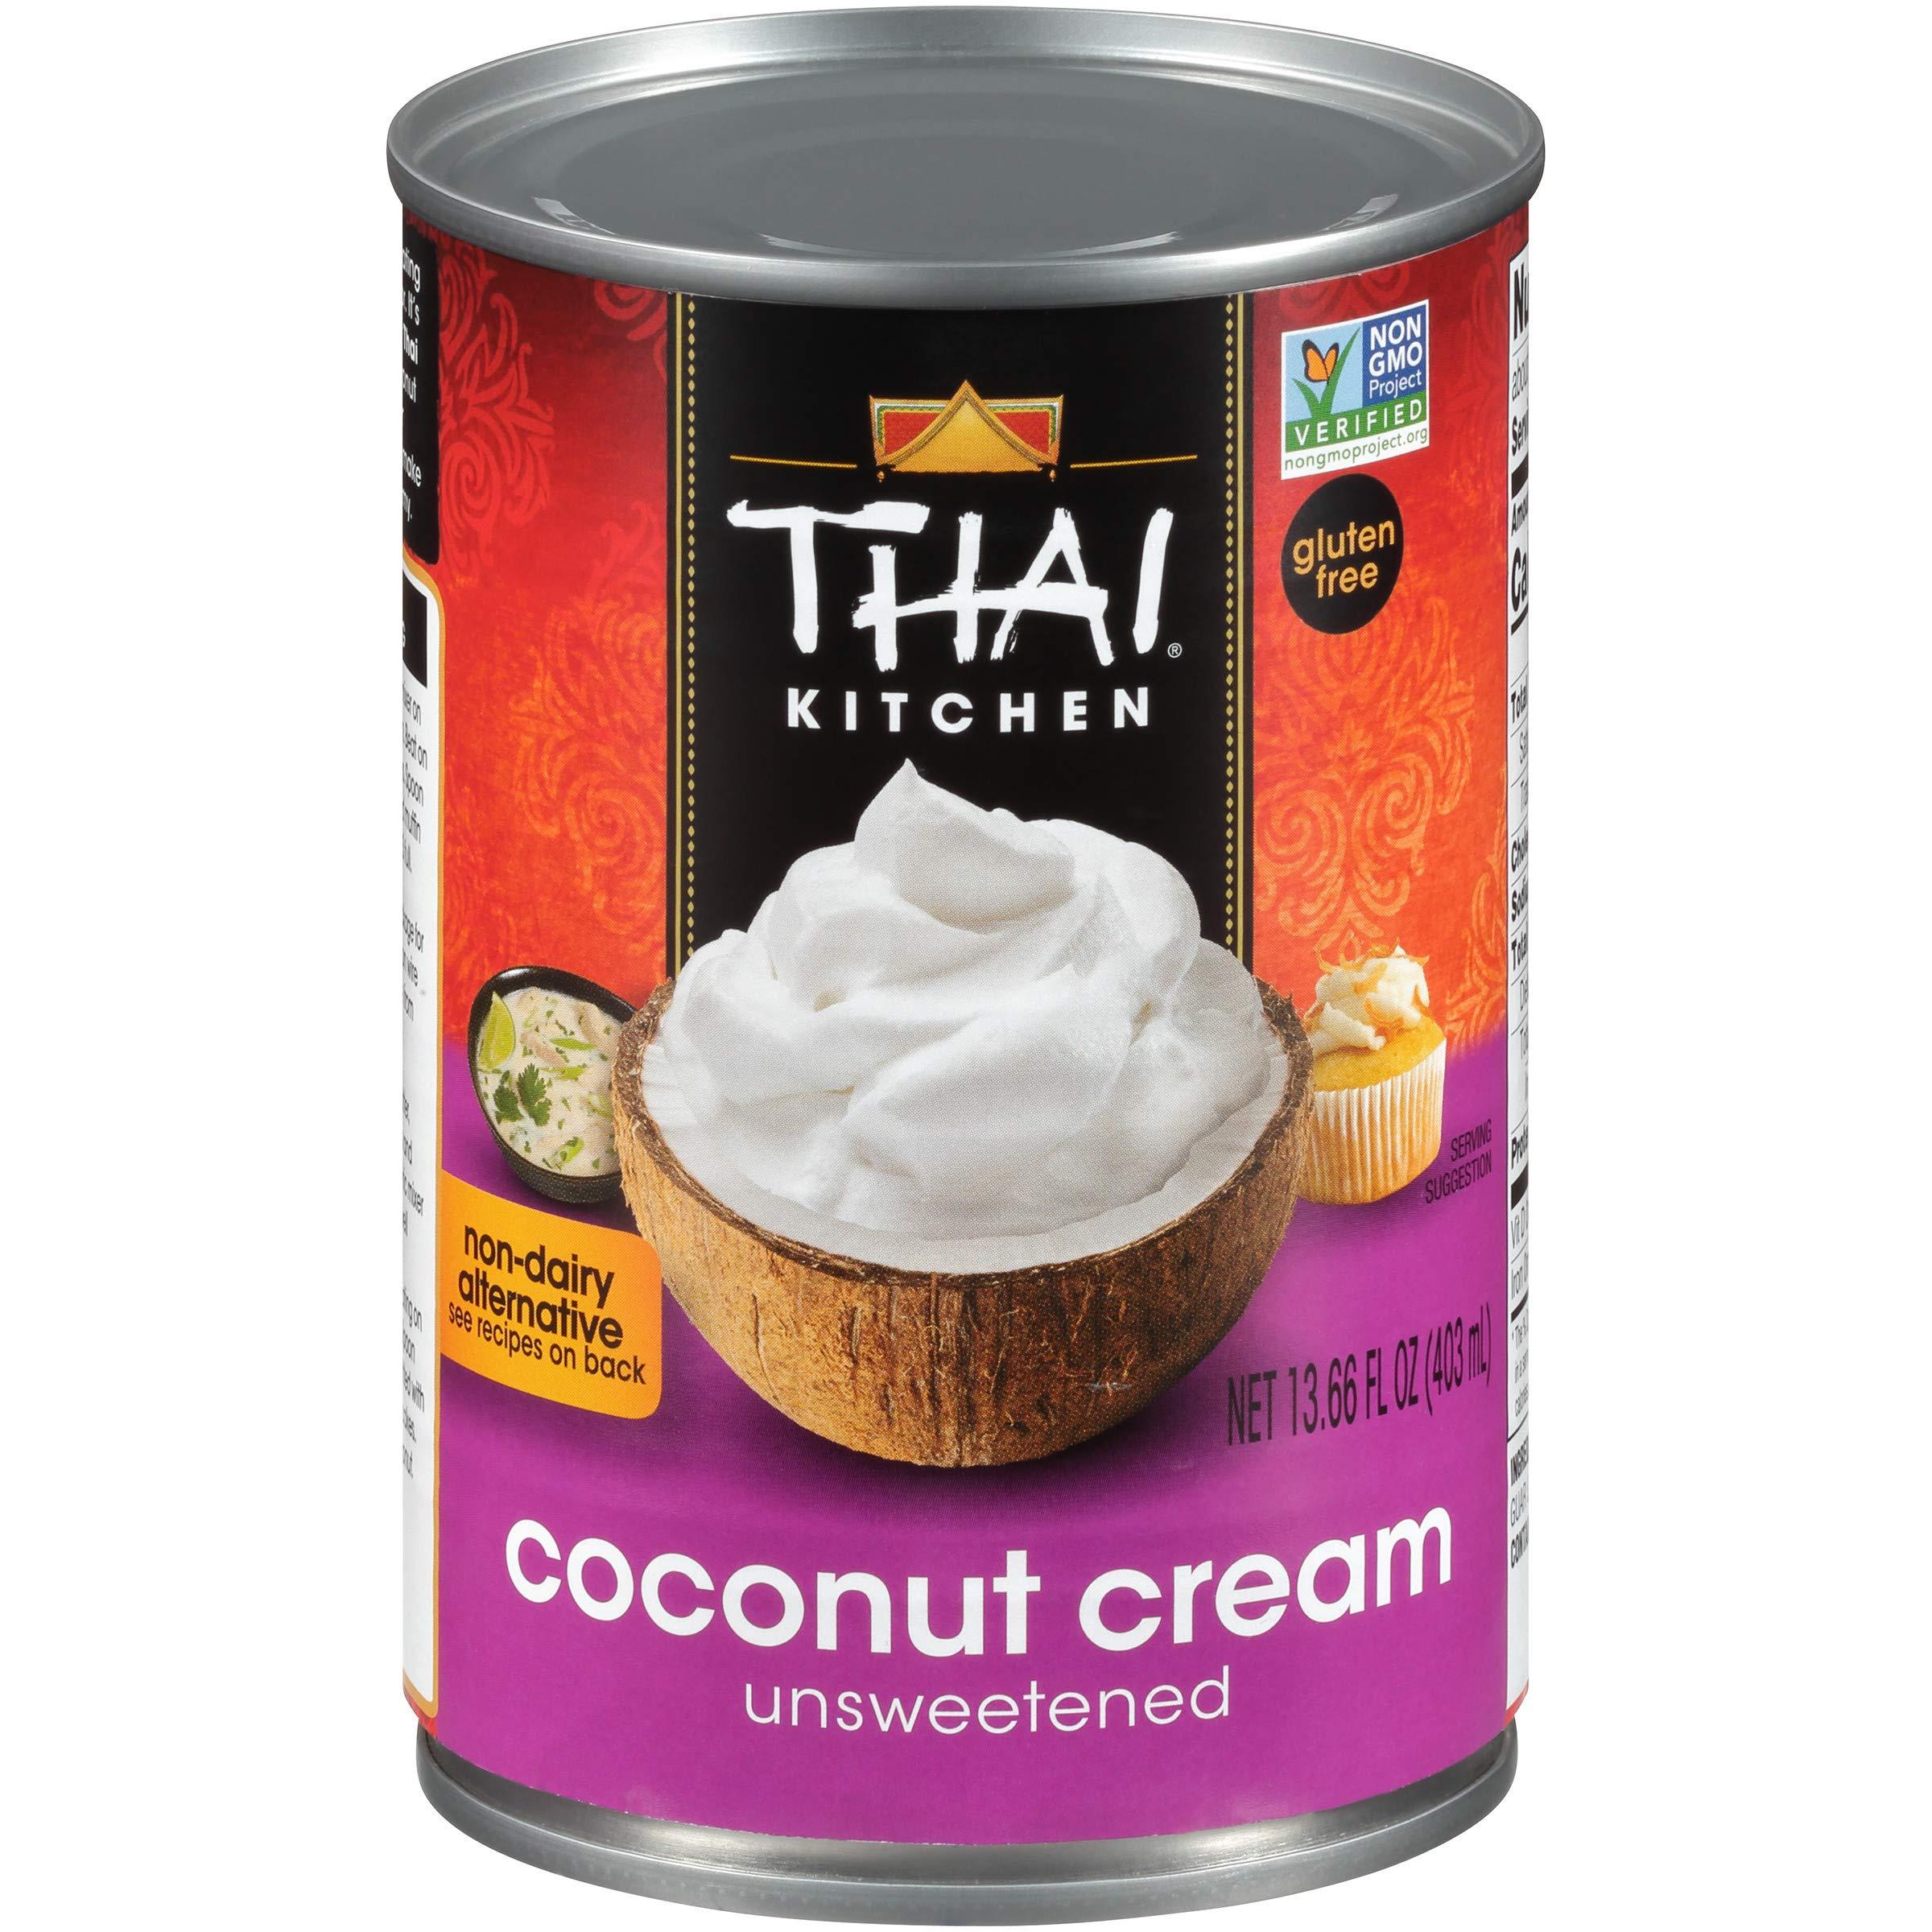 Thai Kitchen Gluten Free Unsweetened Coconut Cream, 13.66 fl oz (Pack of 6)